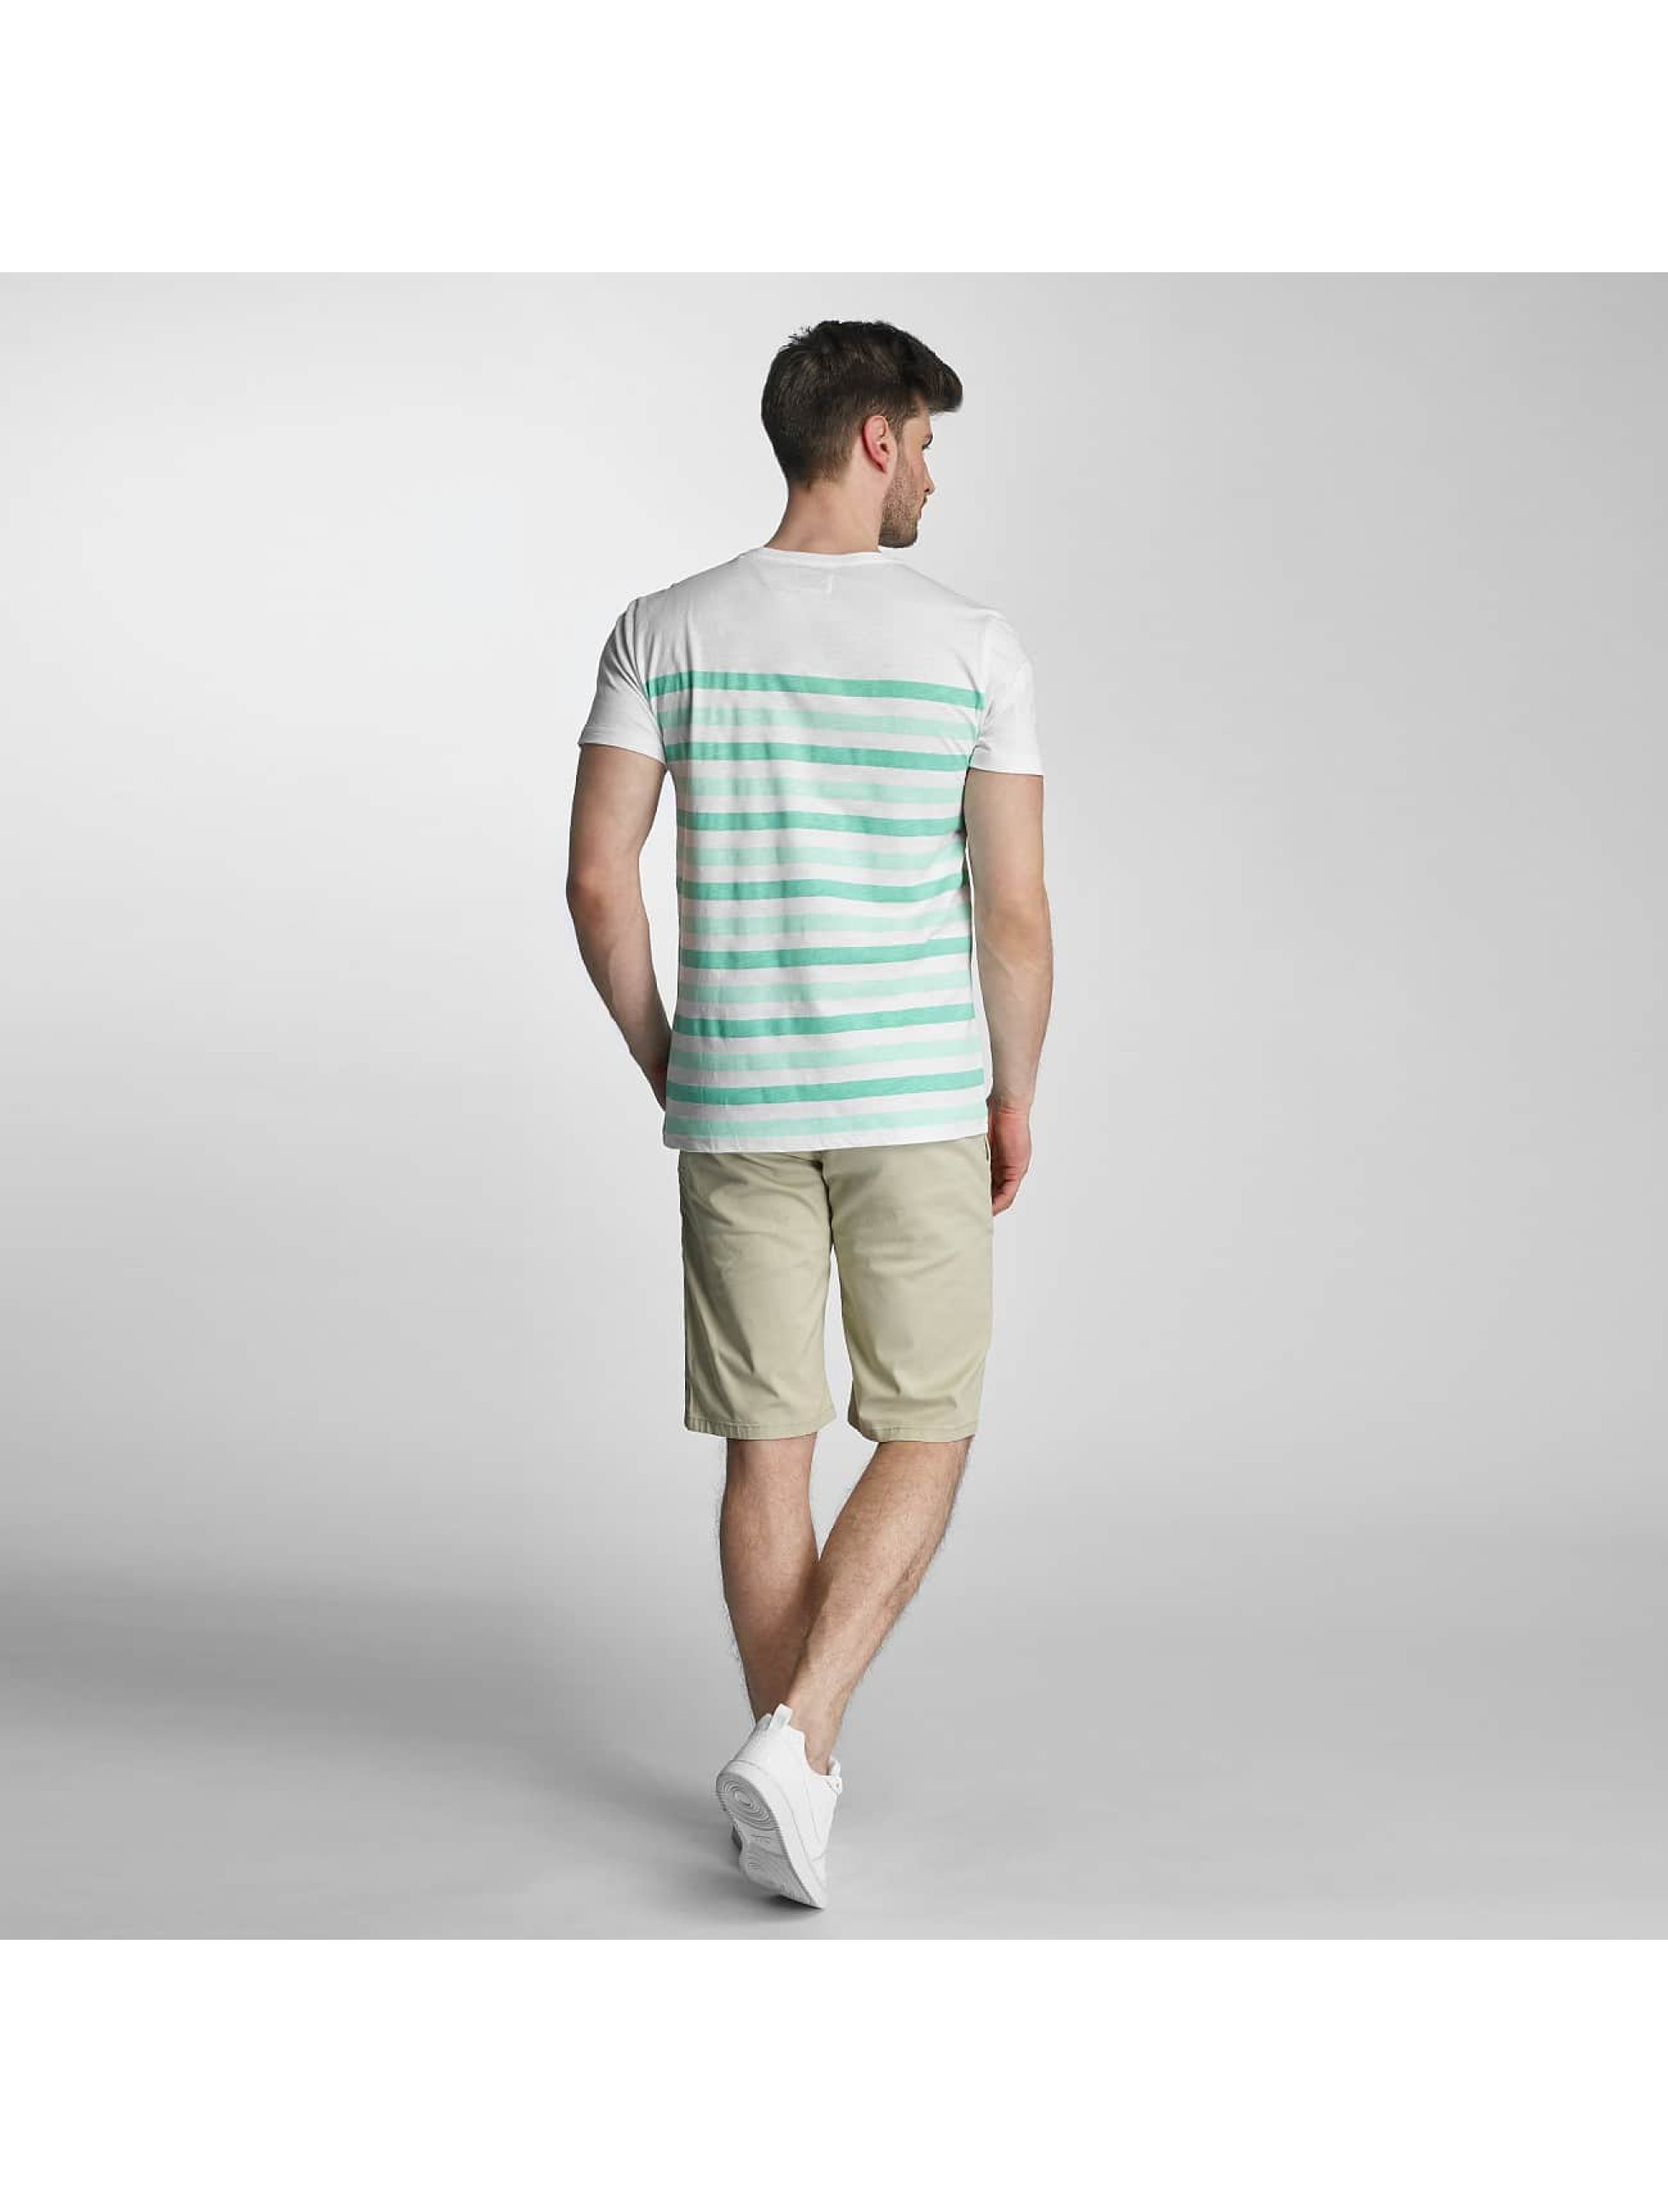 SHINE Original Tričká Striped zelená